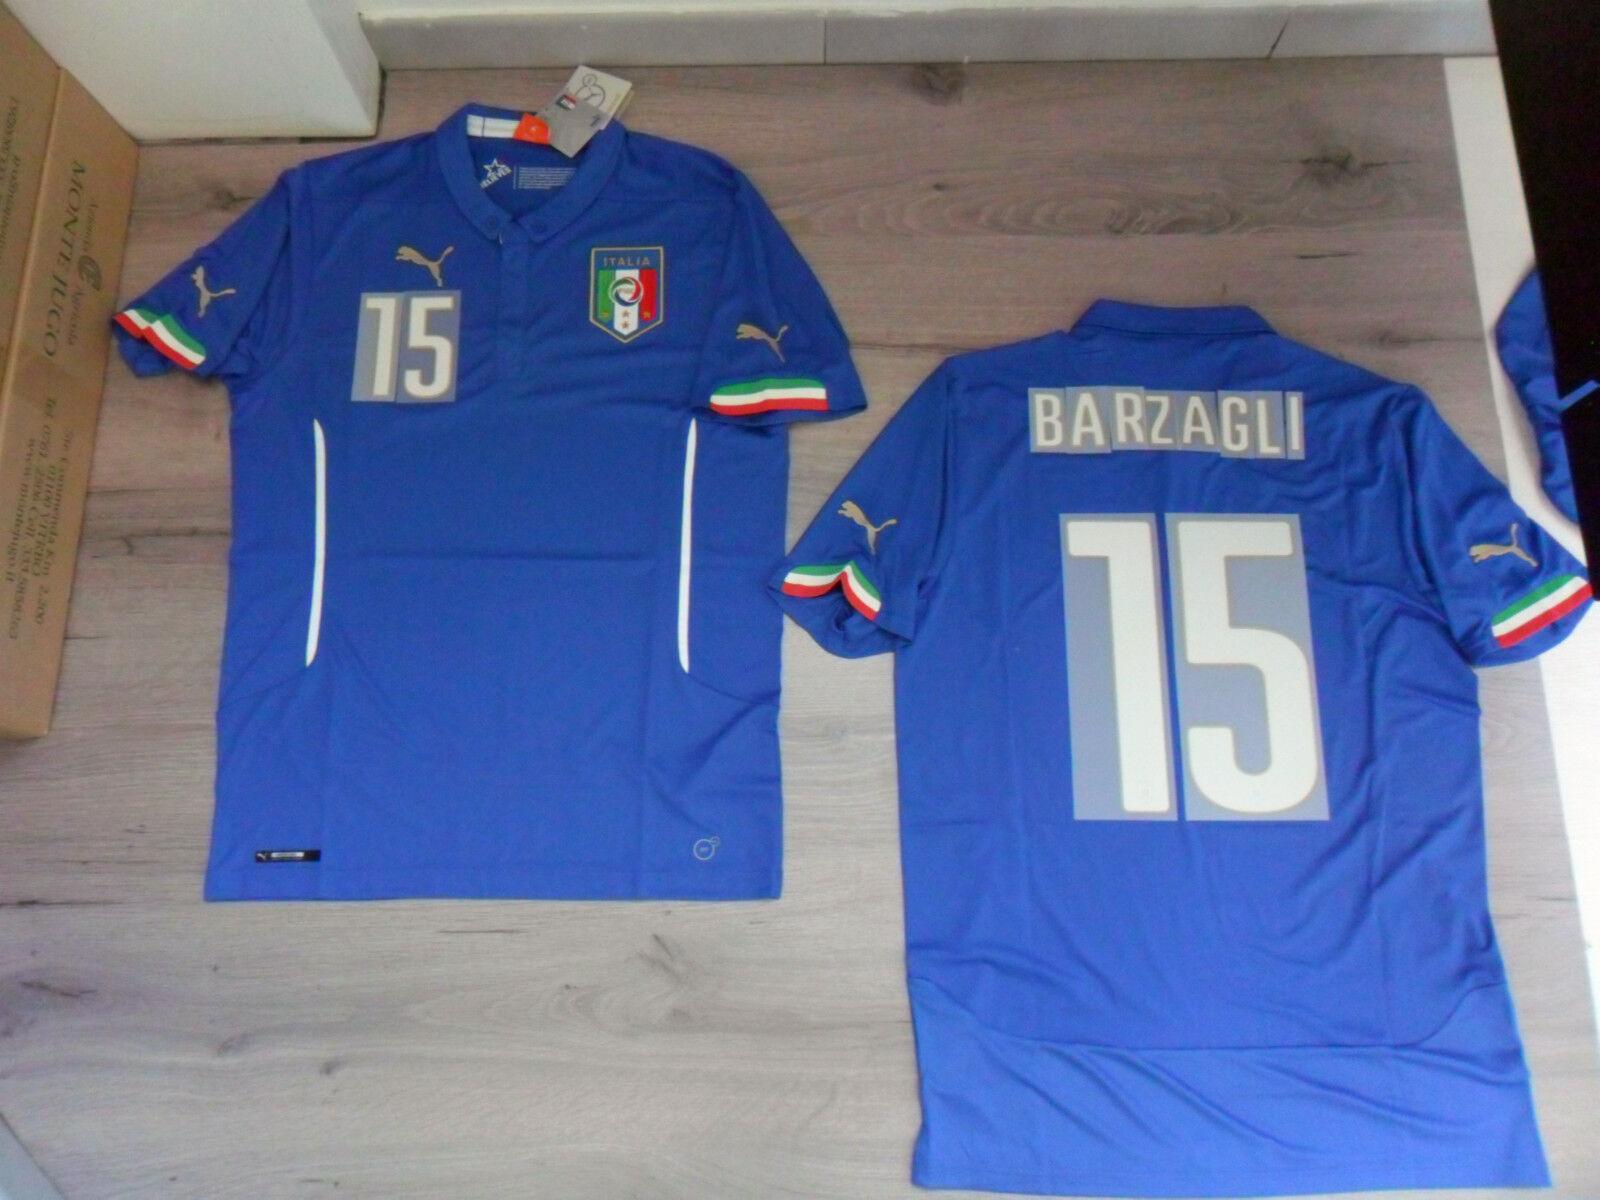 FW14 PUMA S HOME ITALIA 15 BARZAGLI MAGLIA MAGLIETTA MONDIALI SHIRT JERSEY